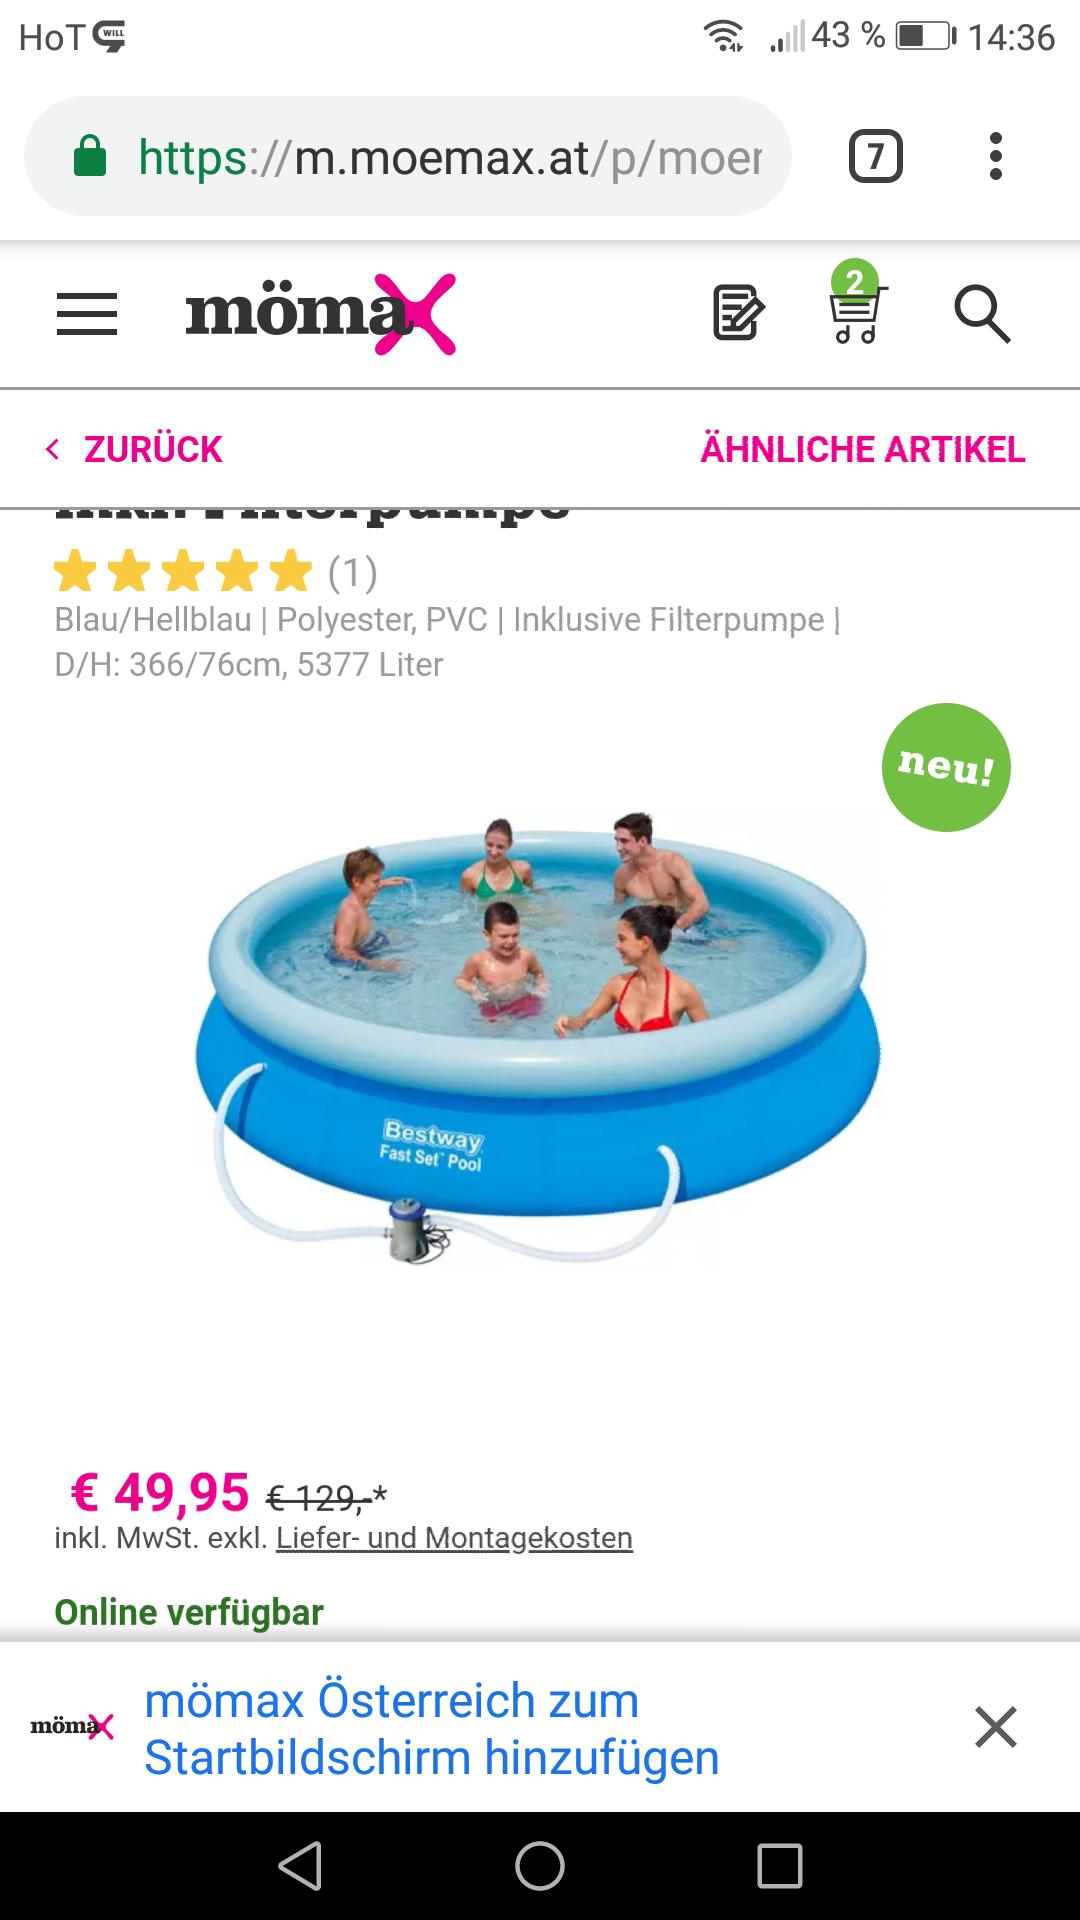 Bestway schwimmbecken bei mömax